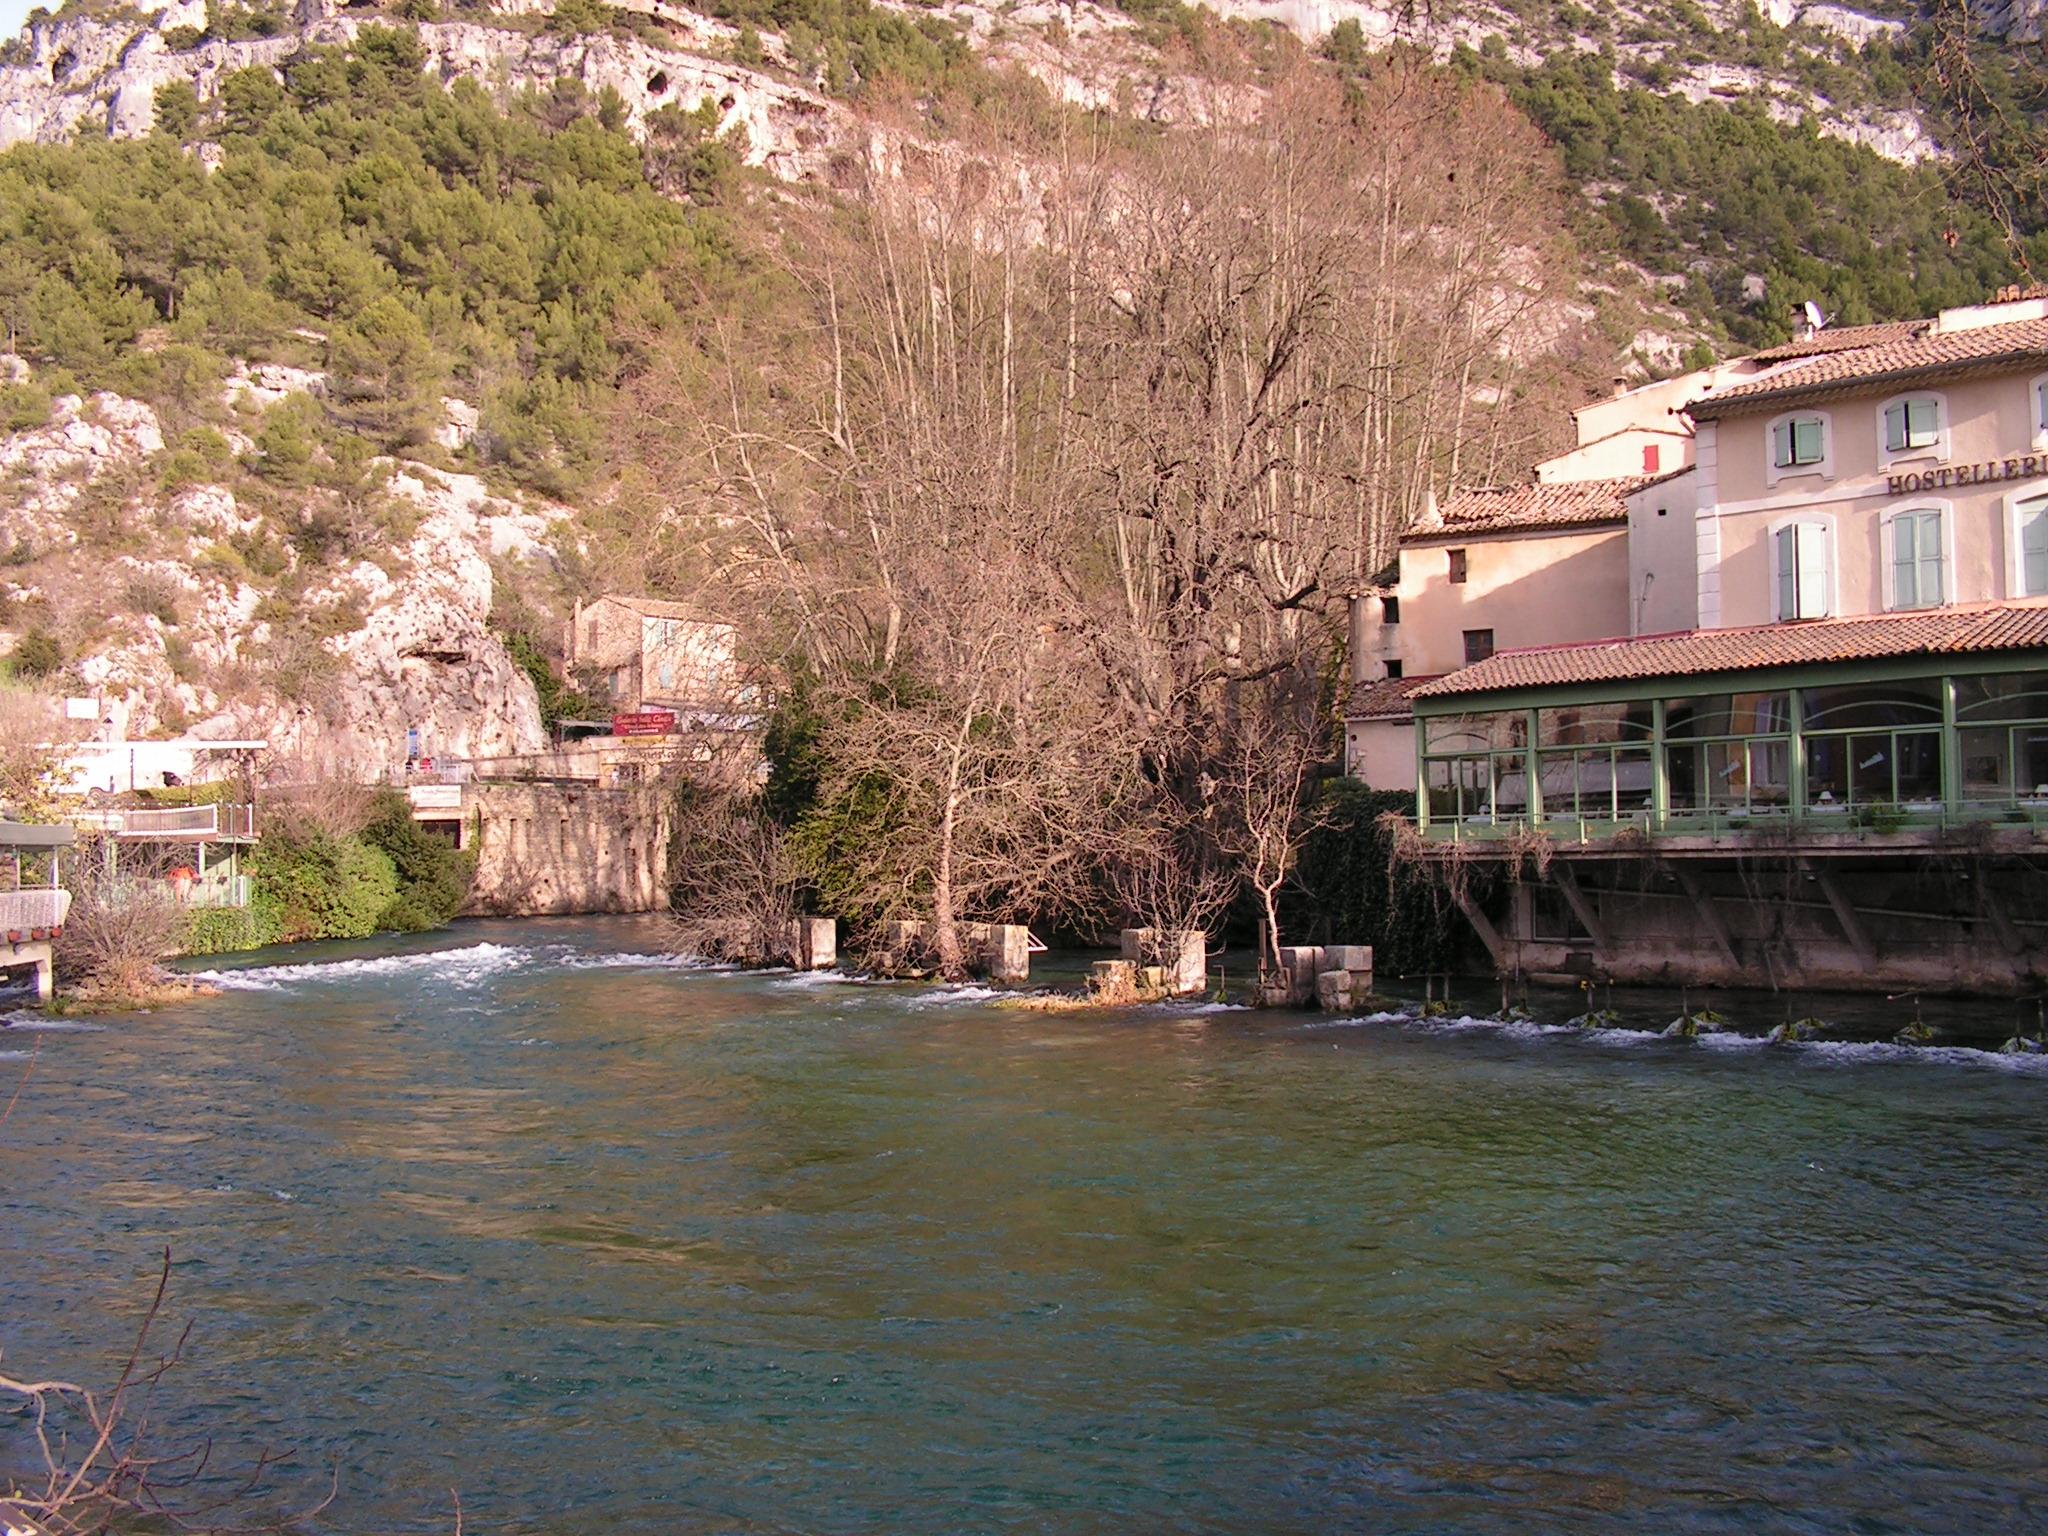 Vaucluse fontaines de vaucluse page 2 - Fontaine de vaucluse office de tourisme ...